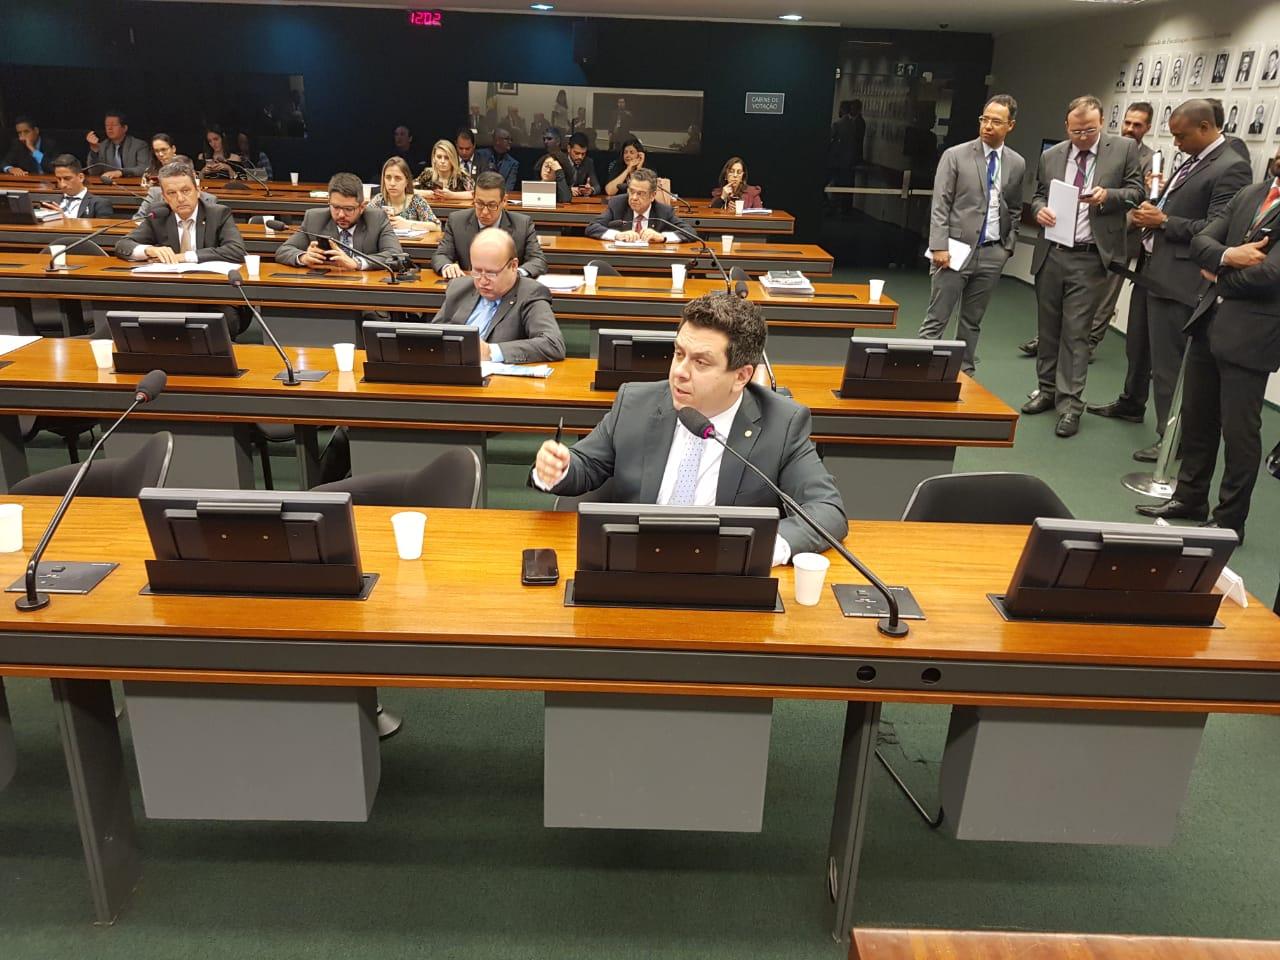 Ao comemorar a concessão de mais 1% aos municípios, Tiago Dimas defende Reforma Tributária e redistribuição de recursos públicos